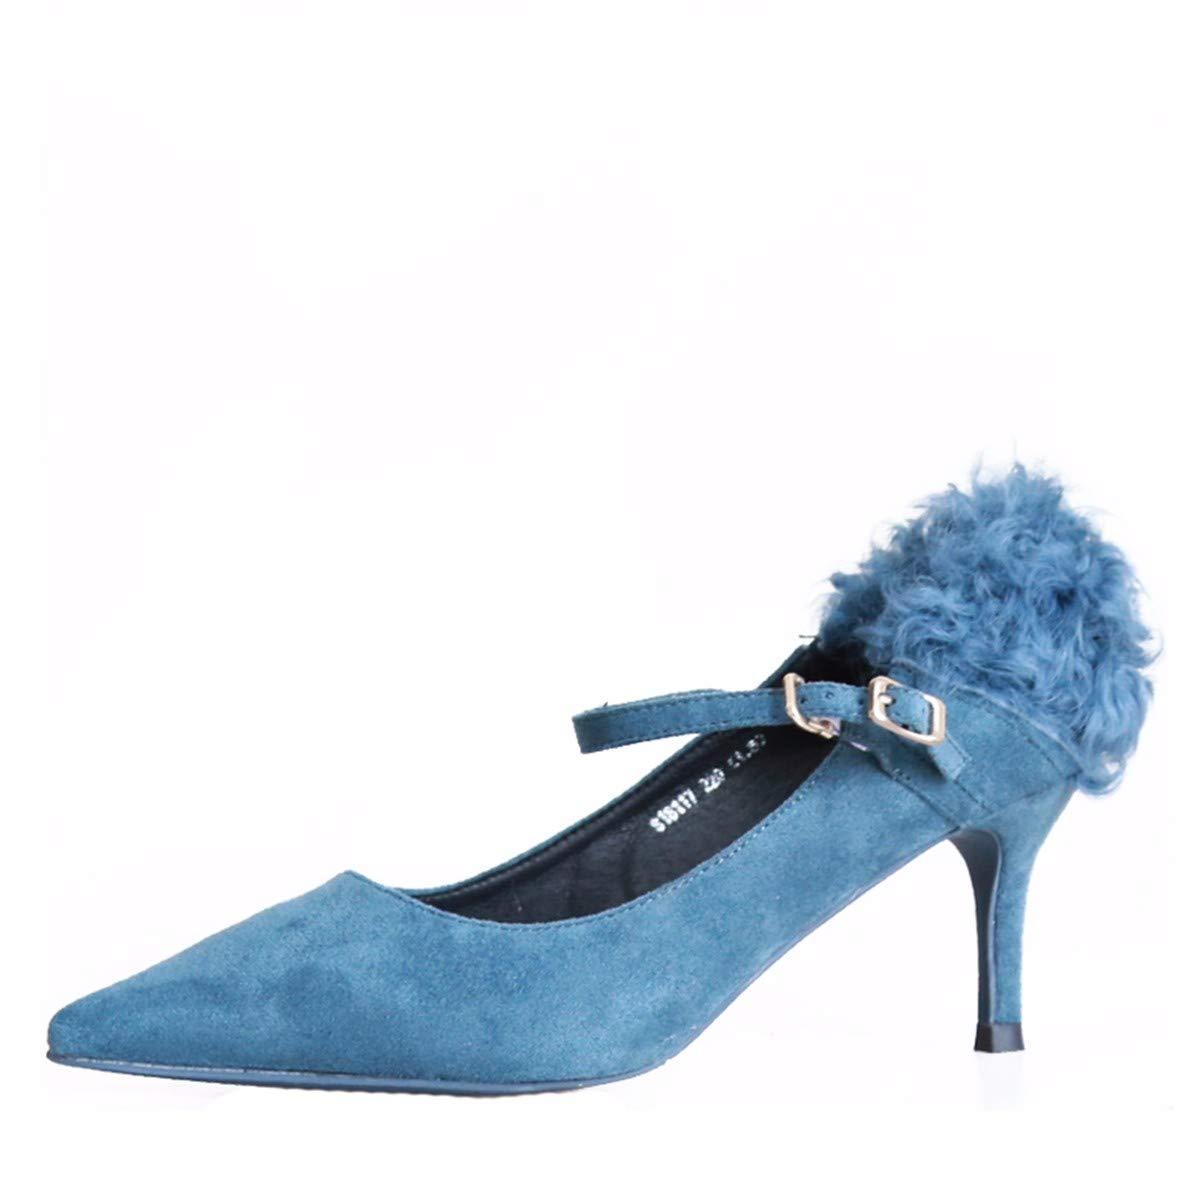 KPHY Damenschuhe/Herbst Pfennigabsätze High Heels 5Cm Damenschuhe Mode Damenschuhe 5Cm Sagte Flach Mund Einzelne Schuhe.37 Blaue Farbe - ce77fb